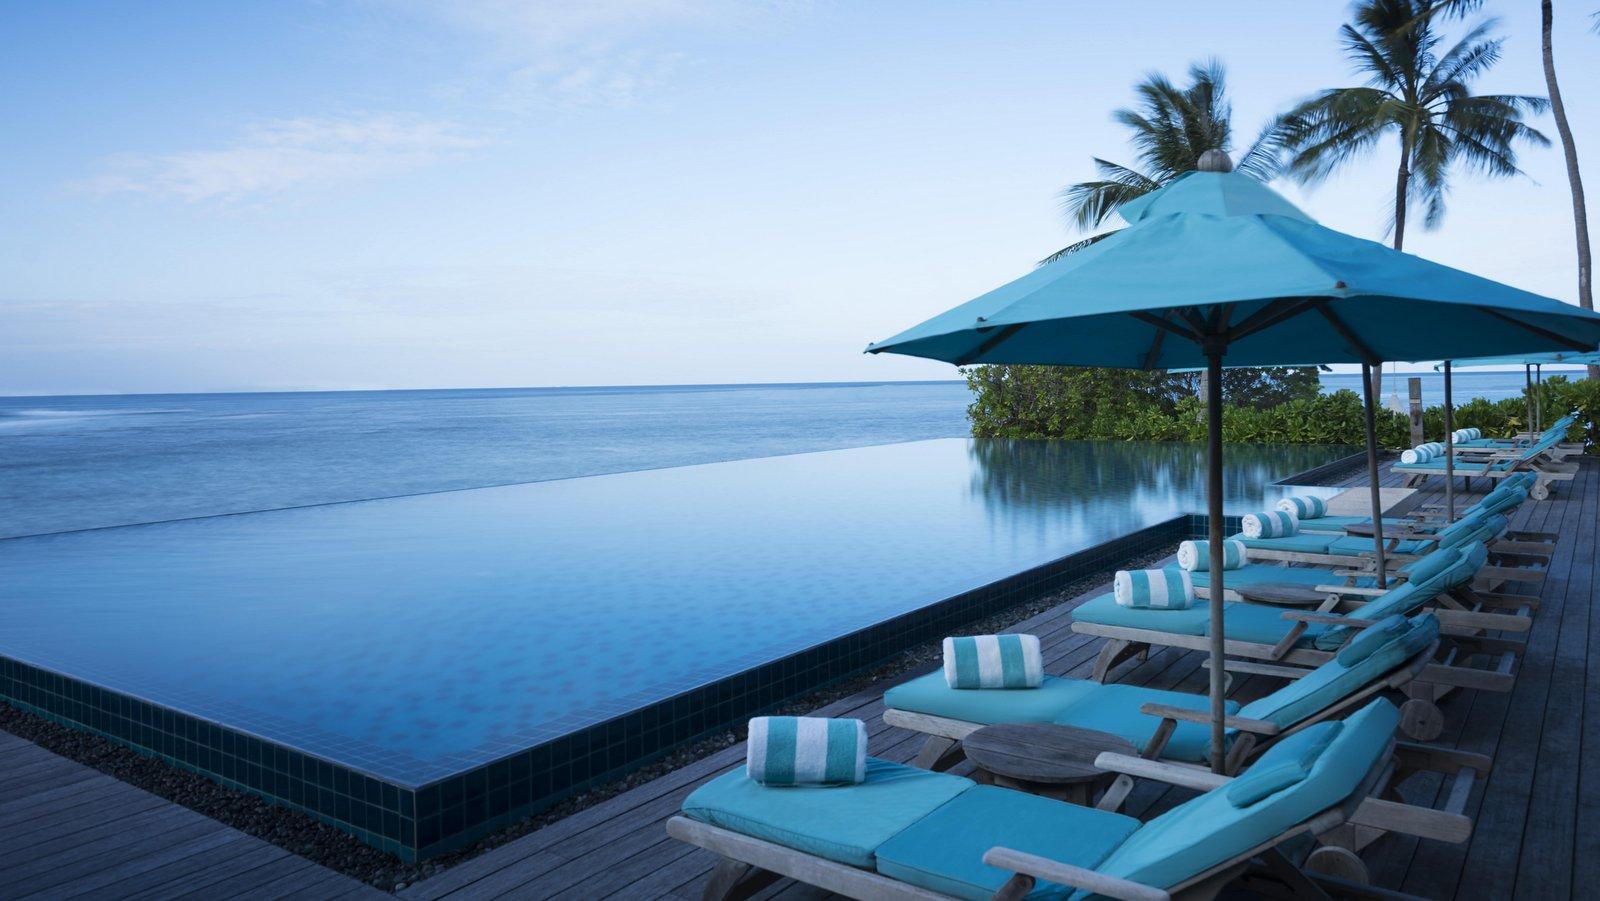 Мальдивы, отель Anantara Veli Resort, бассейн